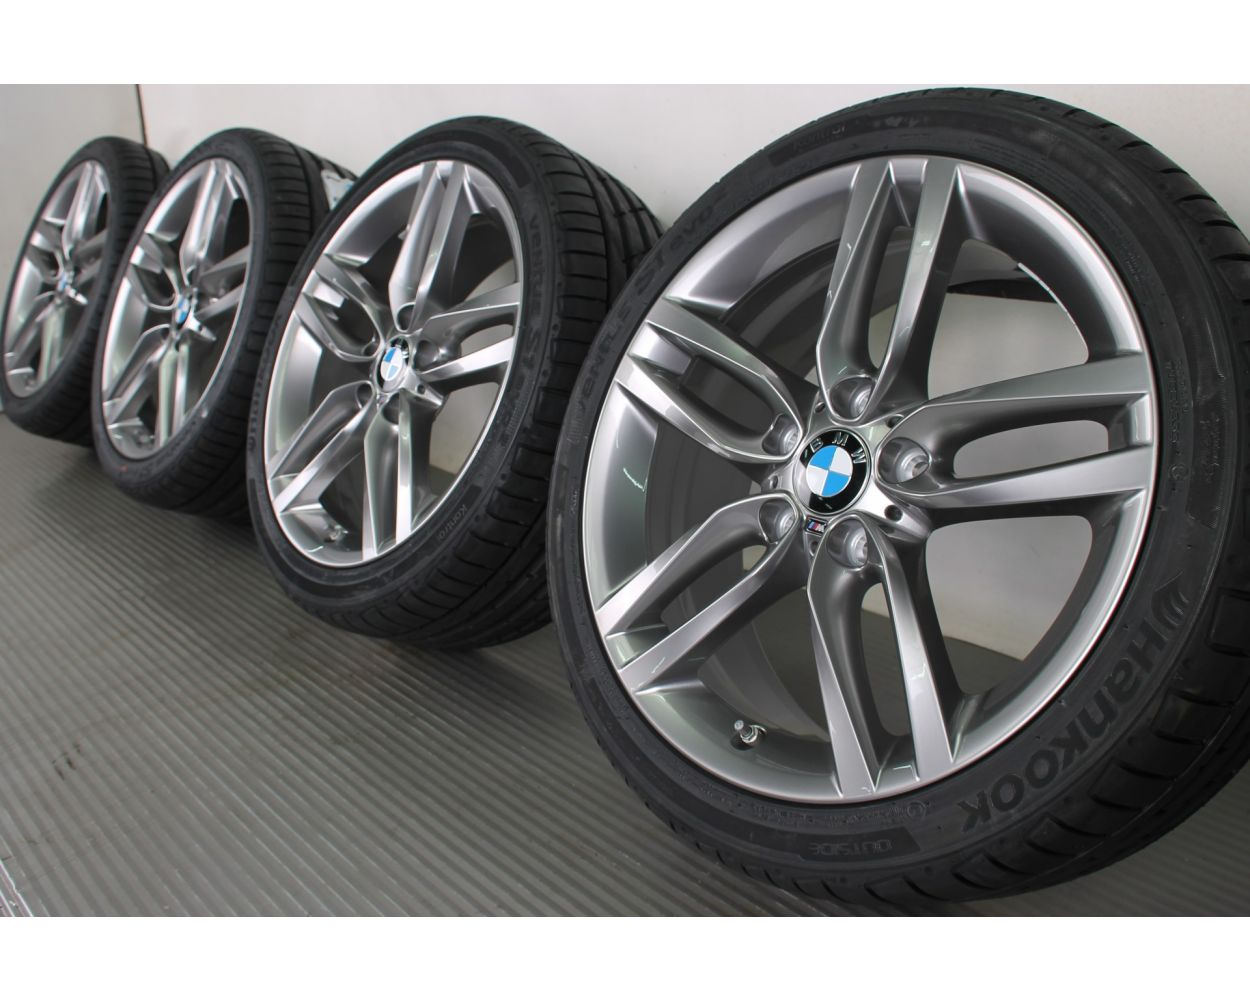 Bmw Summer Wheels 1er F20 F21 2er F22 F23 18 Zoll 461 M Double Spoke Rdc Ferricgrey